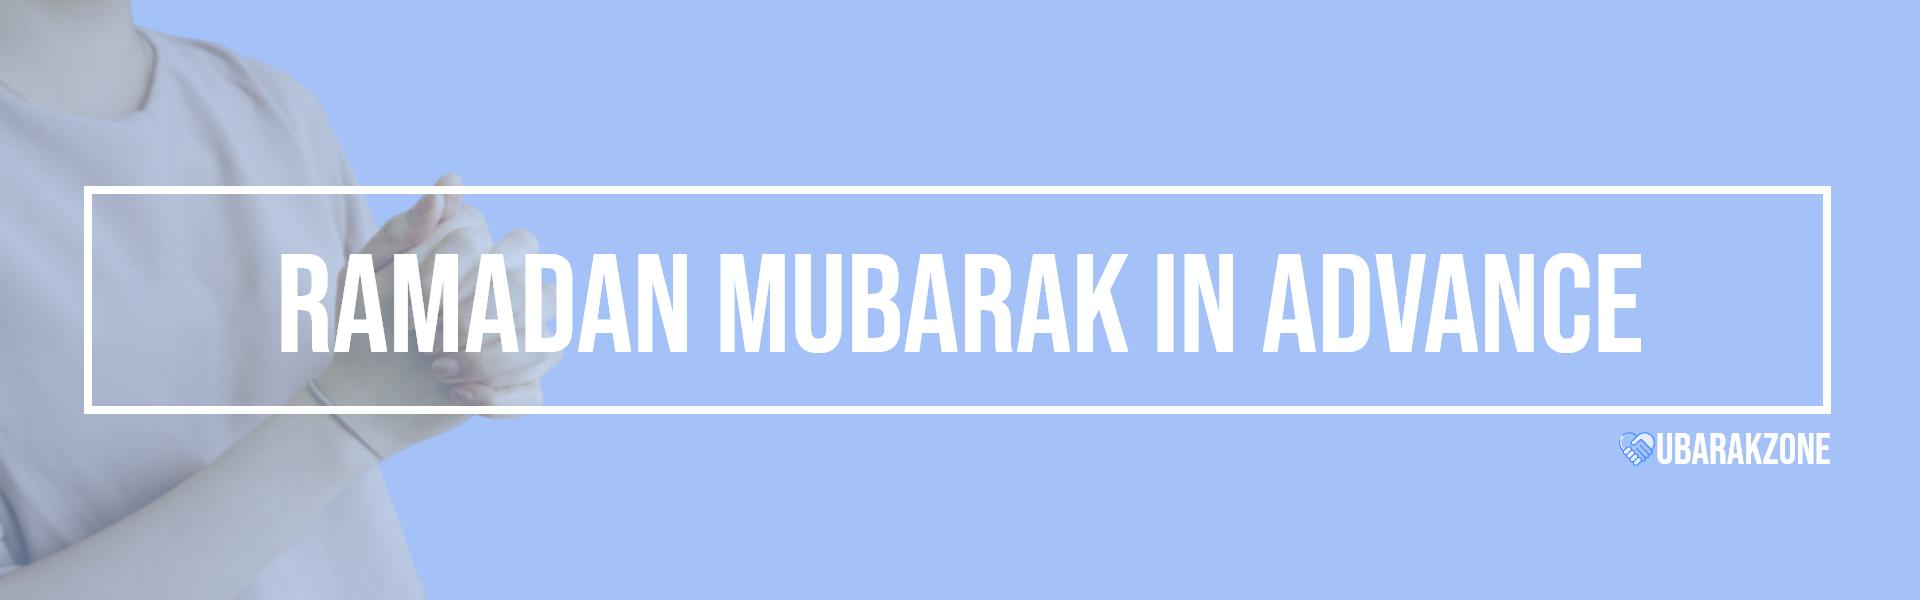 advance ramadan mubarak wishes messages